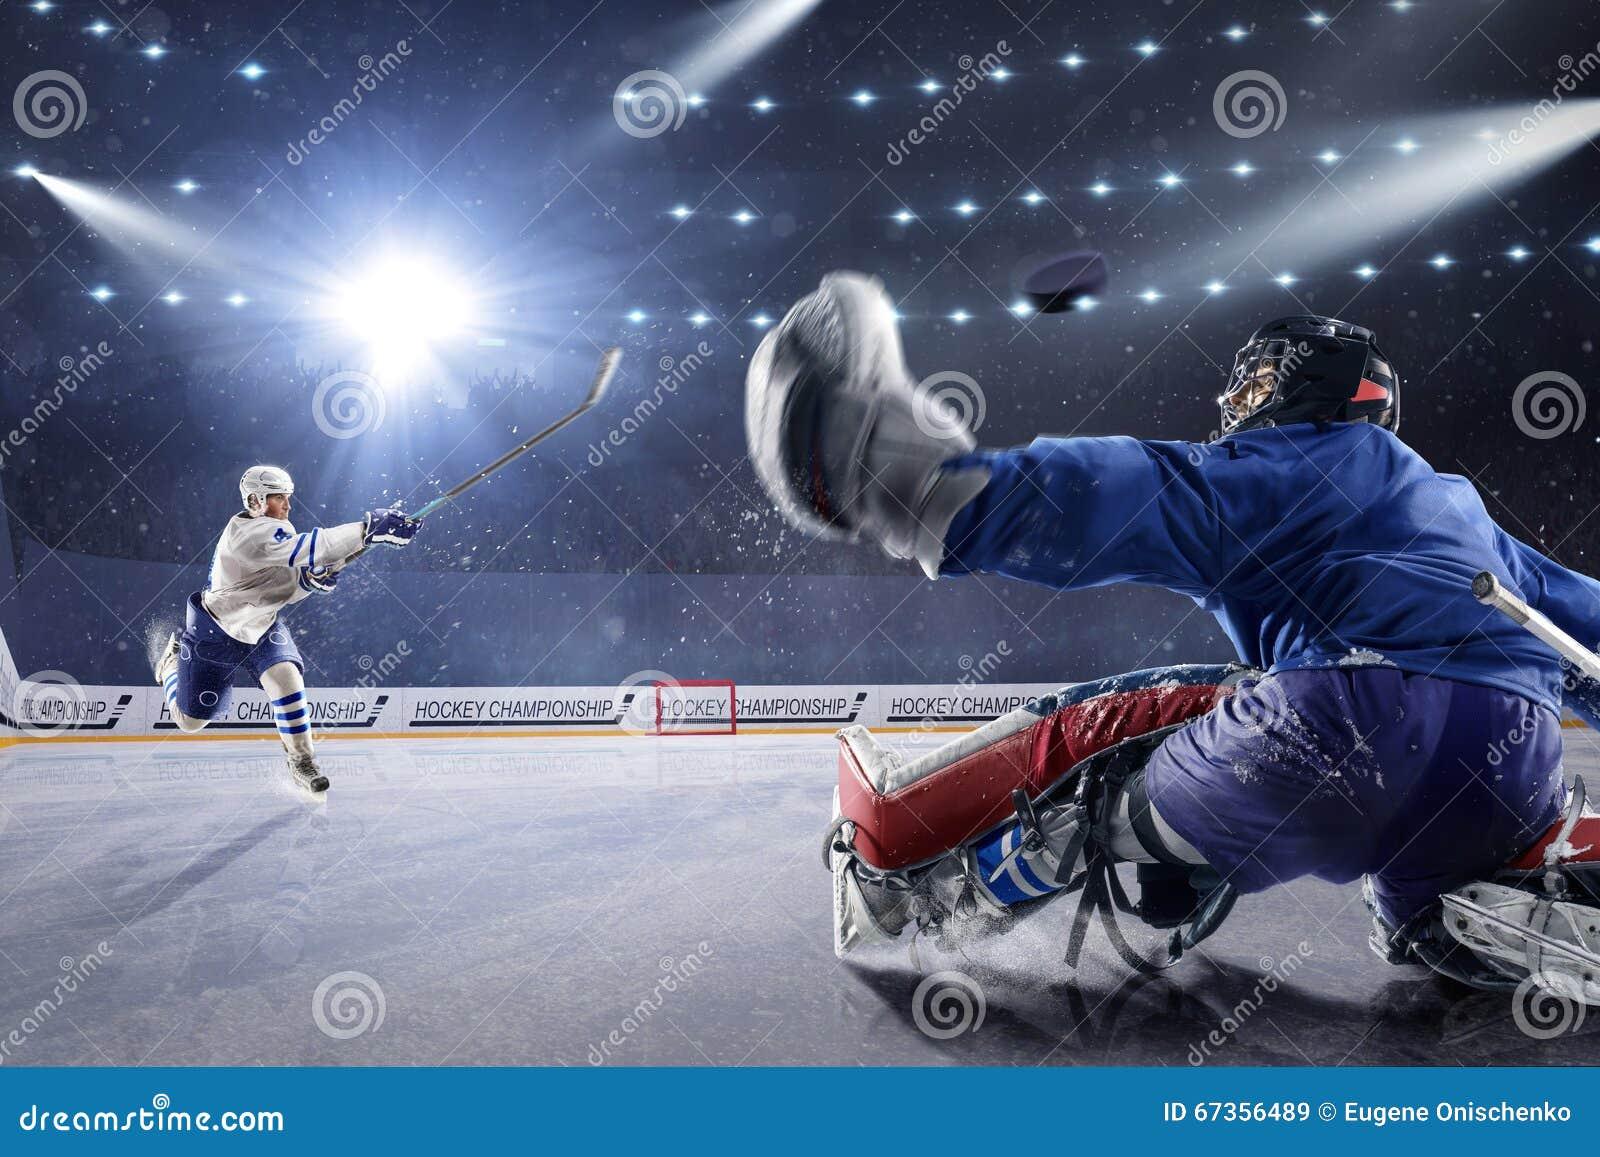 Gracz w hokeja strzelają krążek hokojowego i atakują